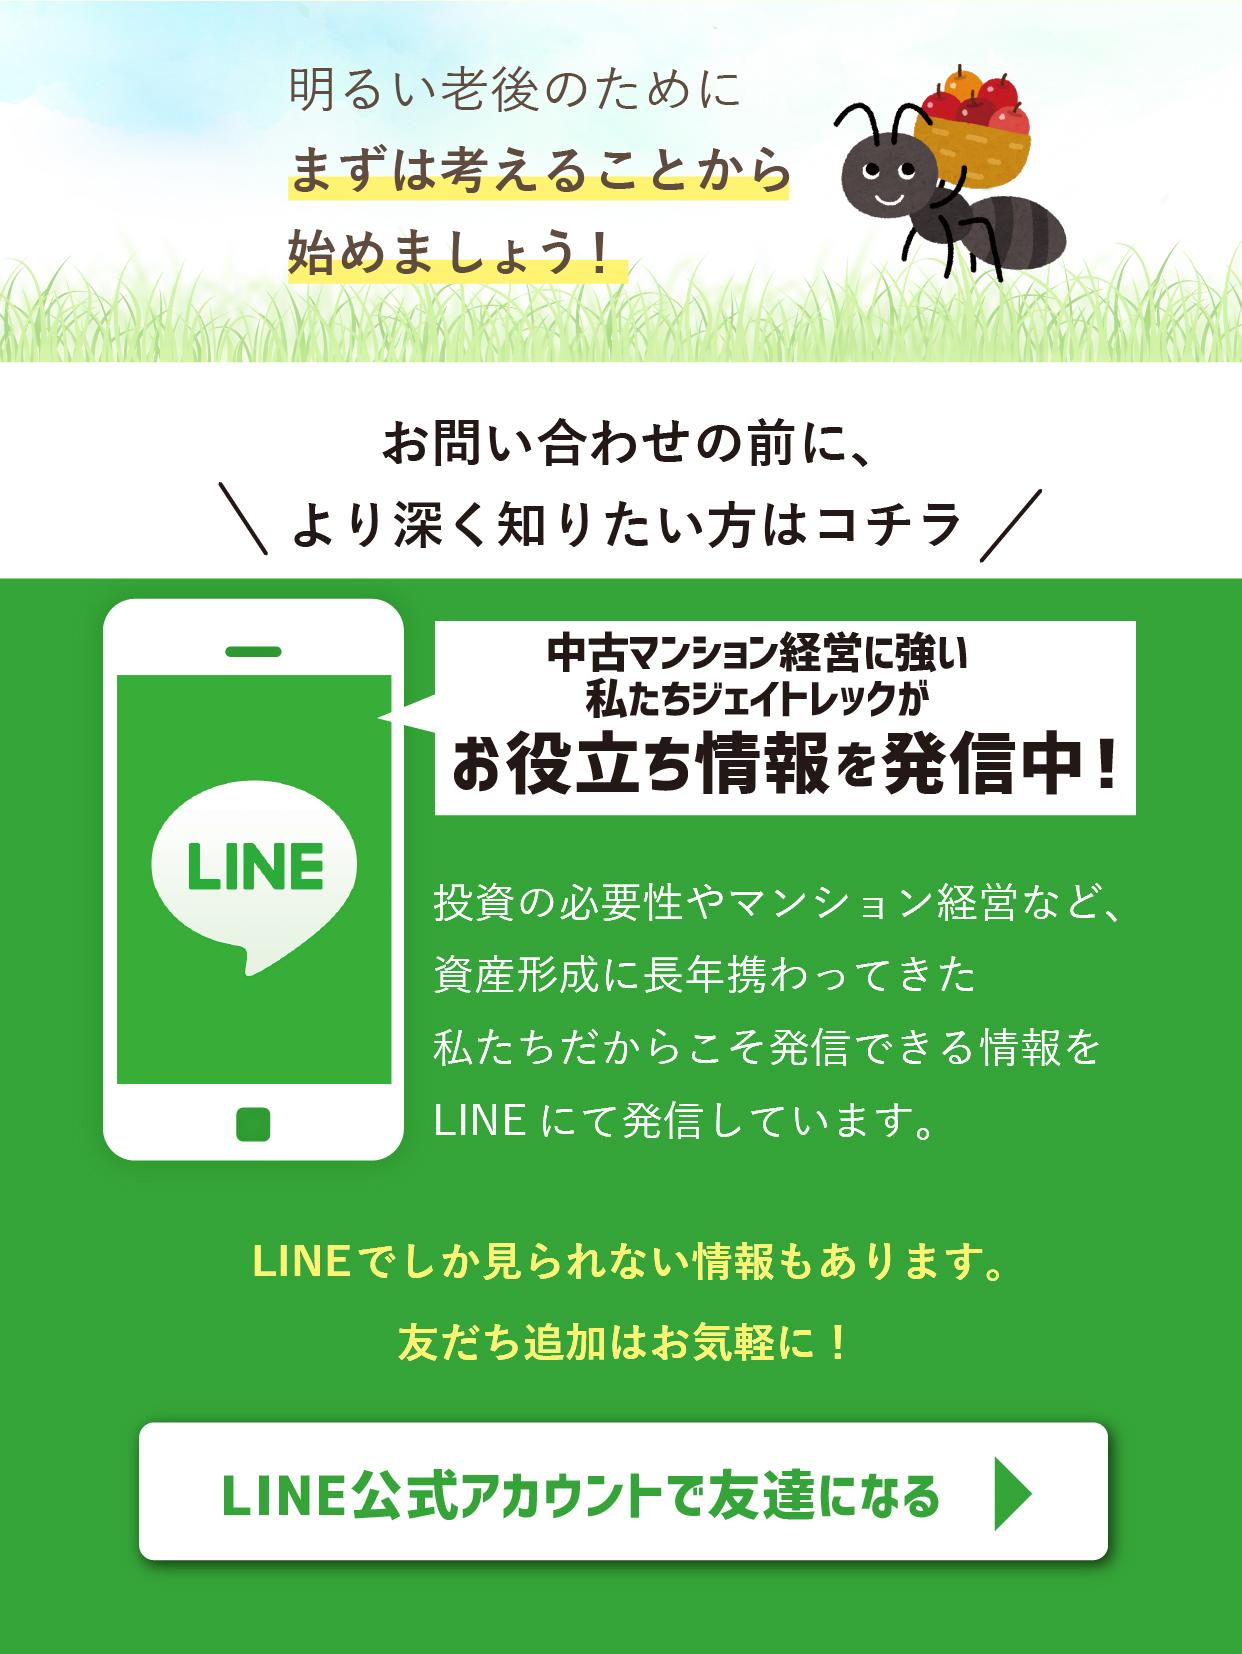 公式LINEでお役立ち情報発信中!